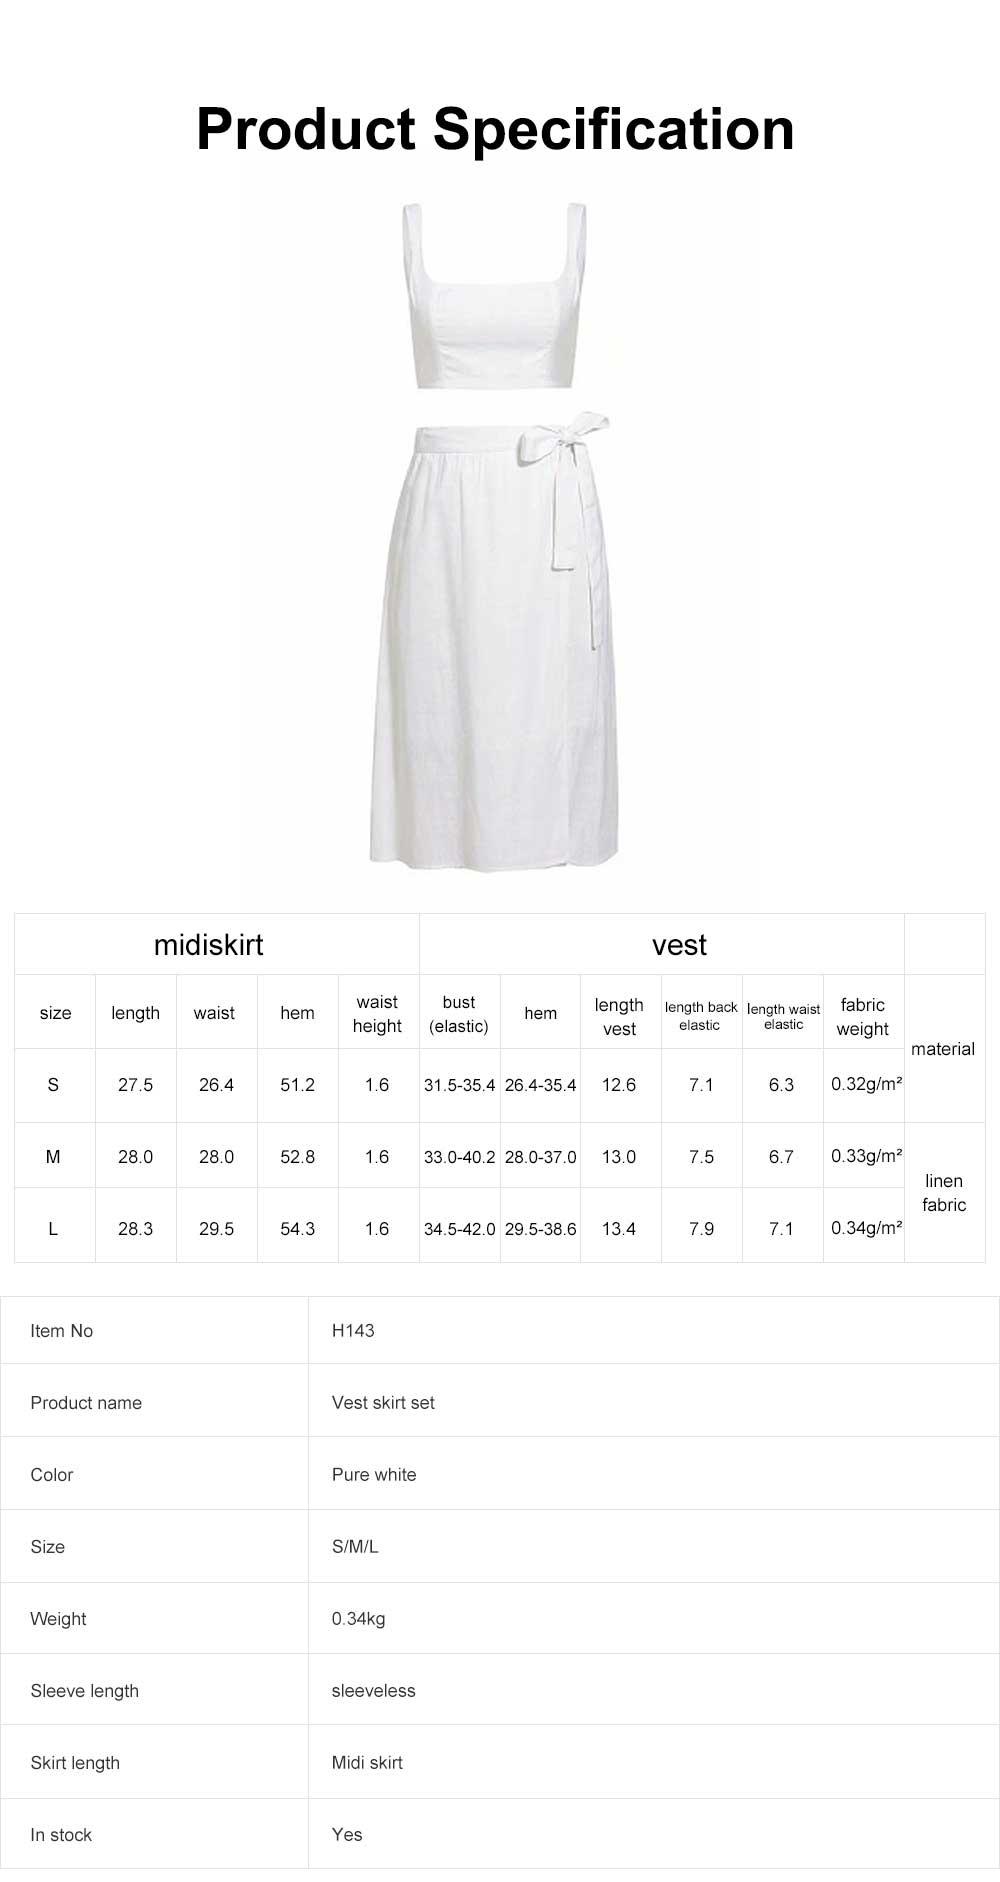 Vest Skirt Set for Women in Summer, 2 Pcs Short Square Neckline Vest and Midiskirt with Stylish Waist Strap 6